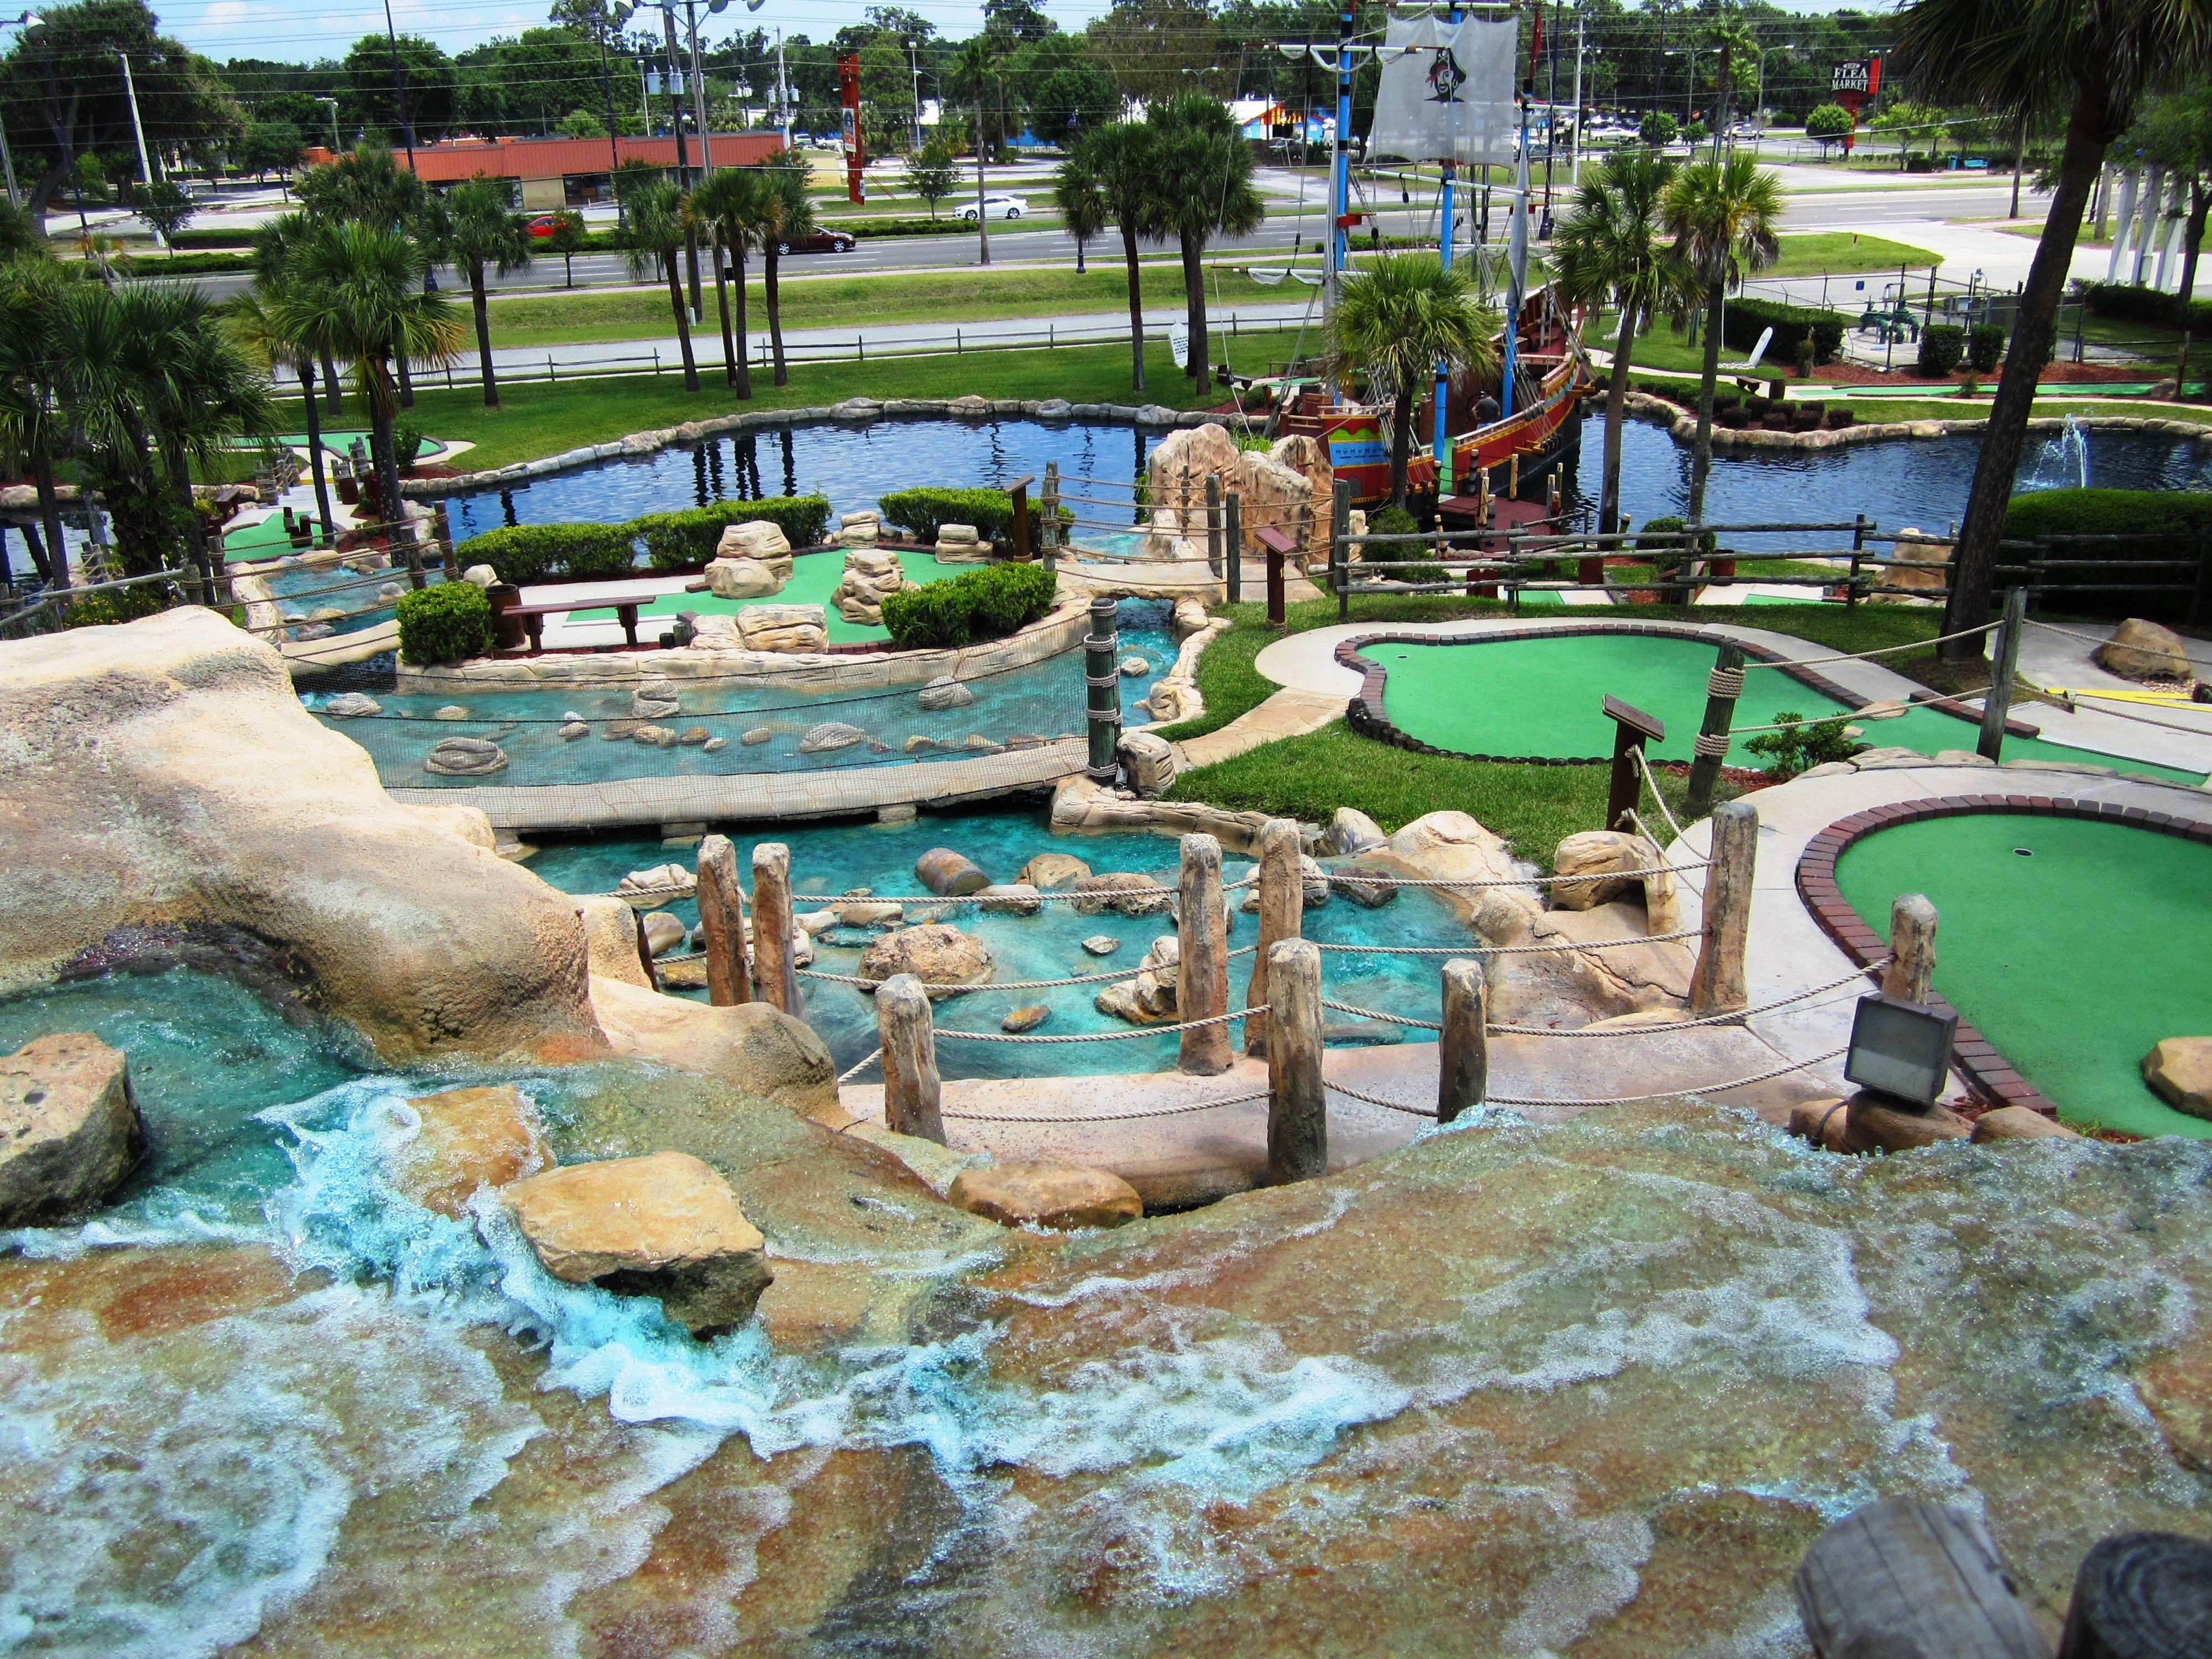 view from the top | Daytona beach | Pinterest | Daytona beach and ...